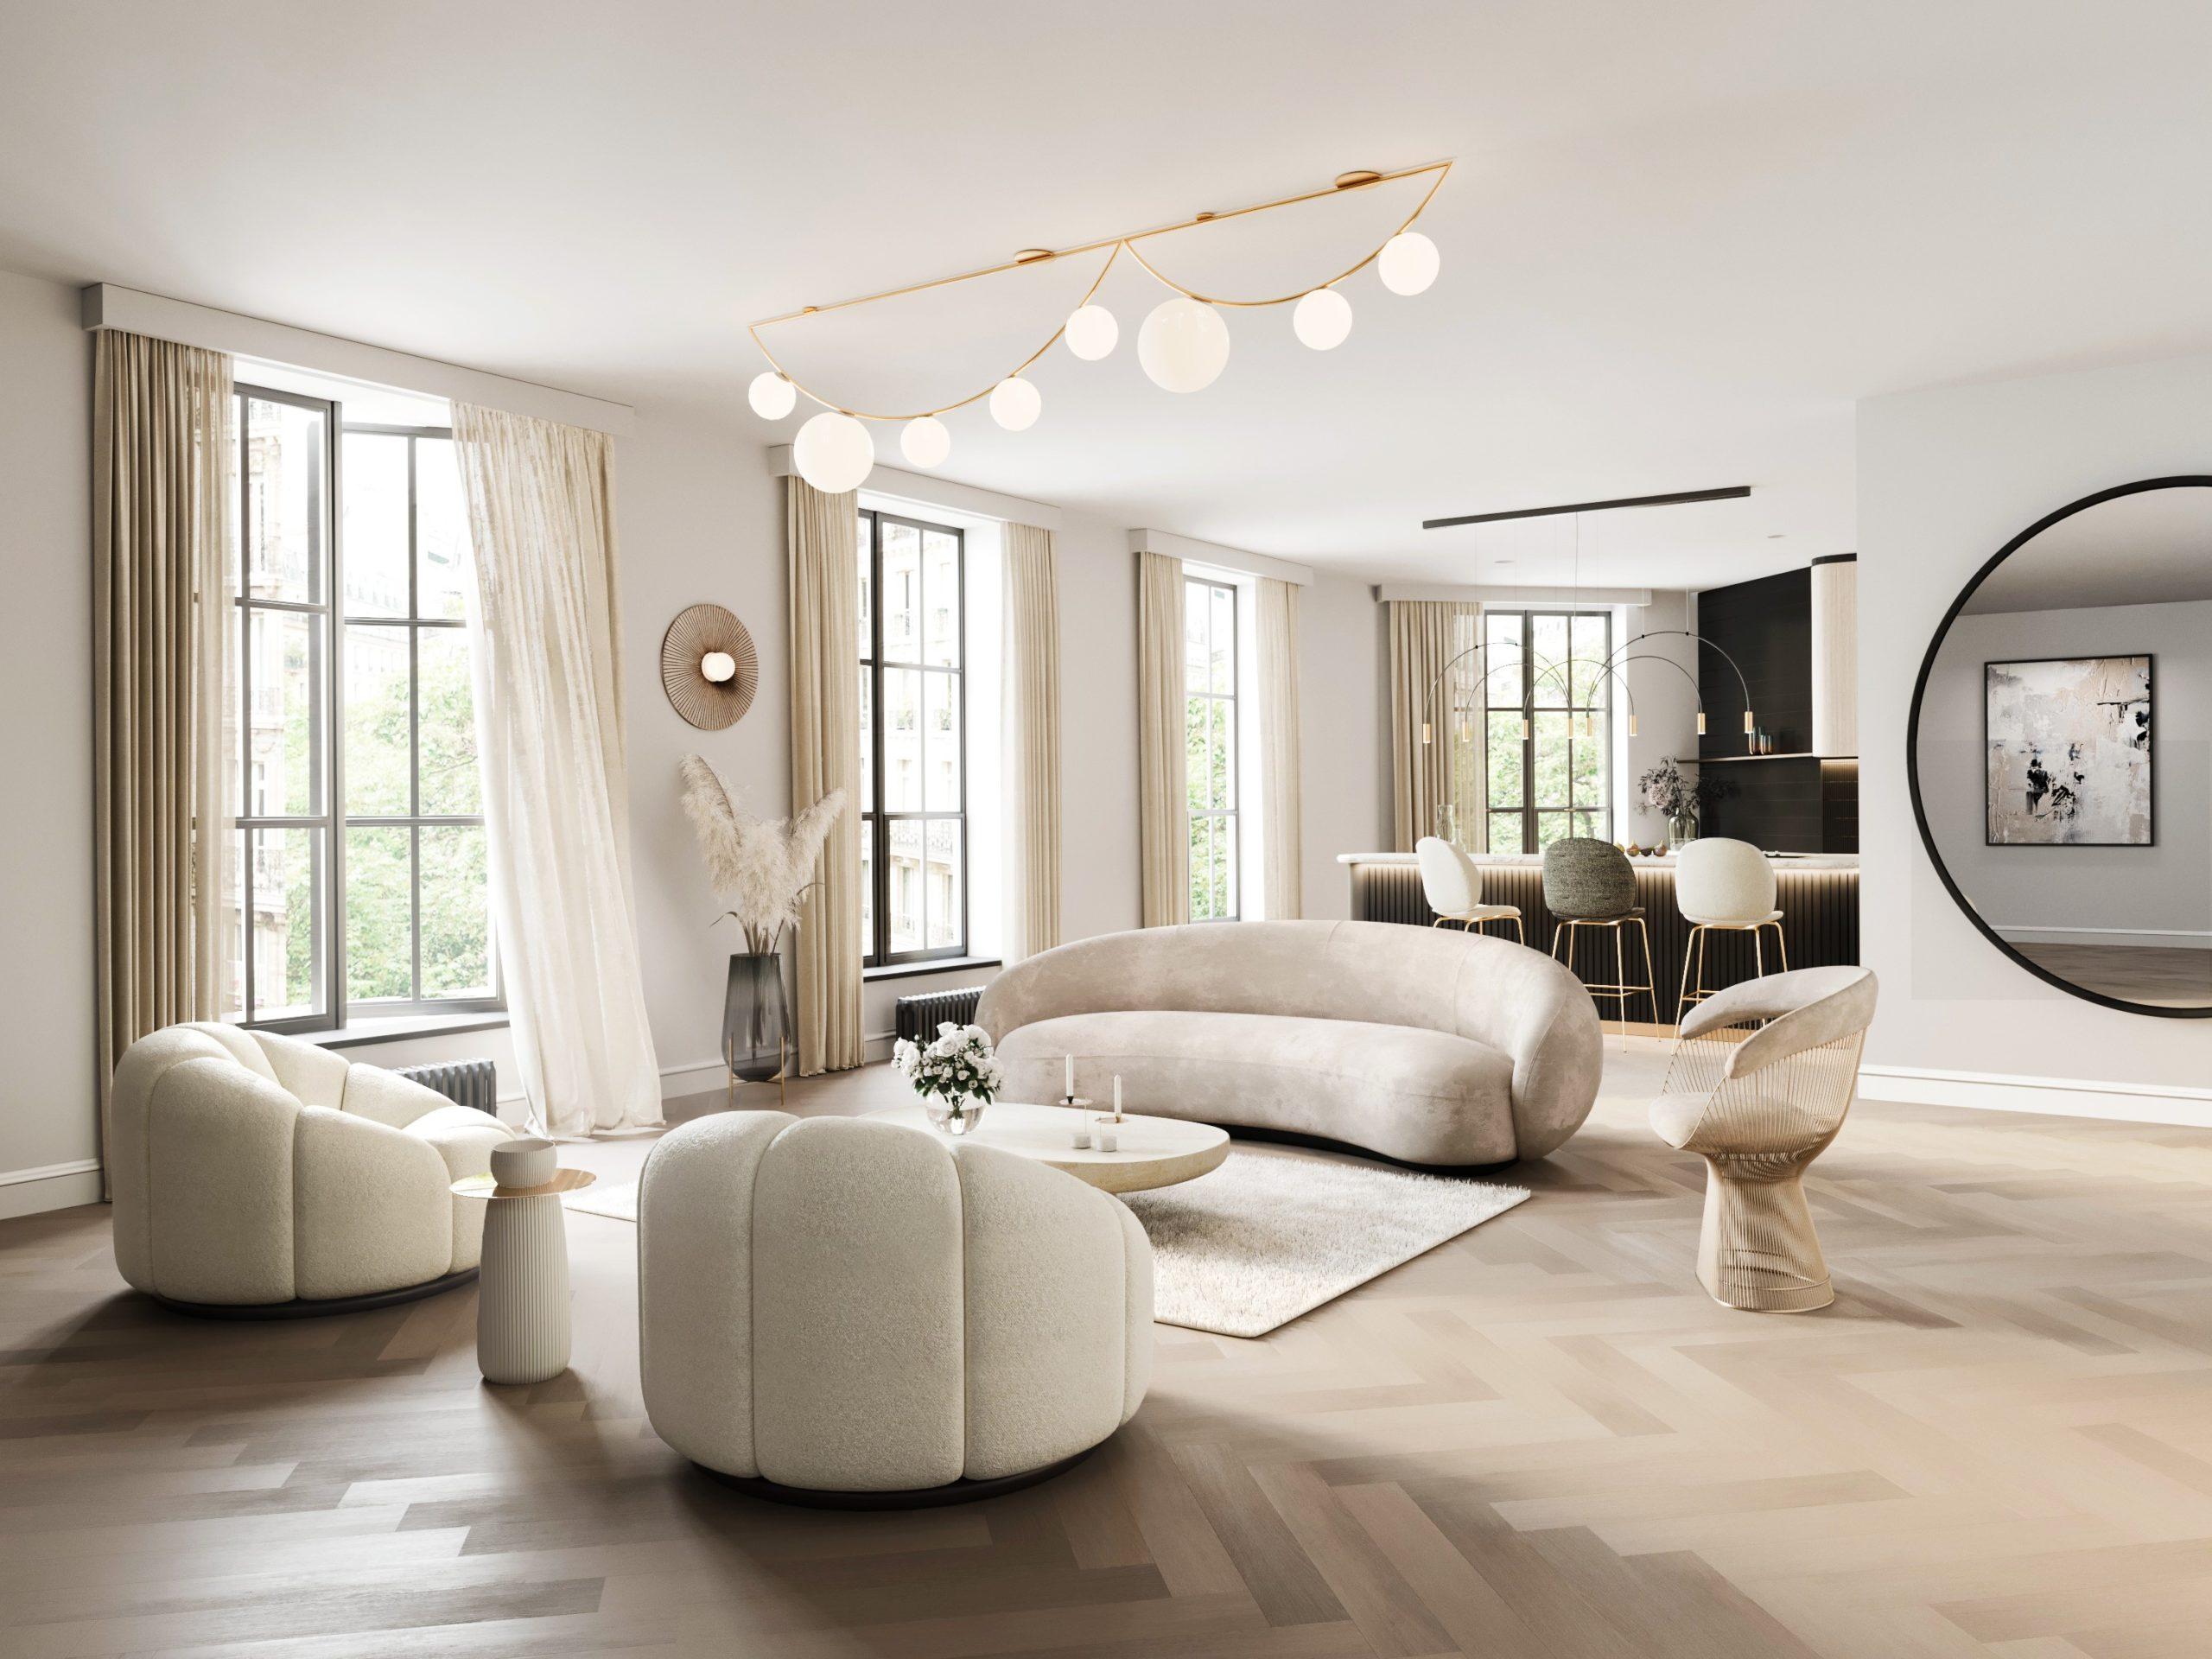 Le plancher en bois devrait compléter la conception et le mobilier de la pièce.